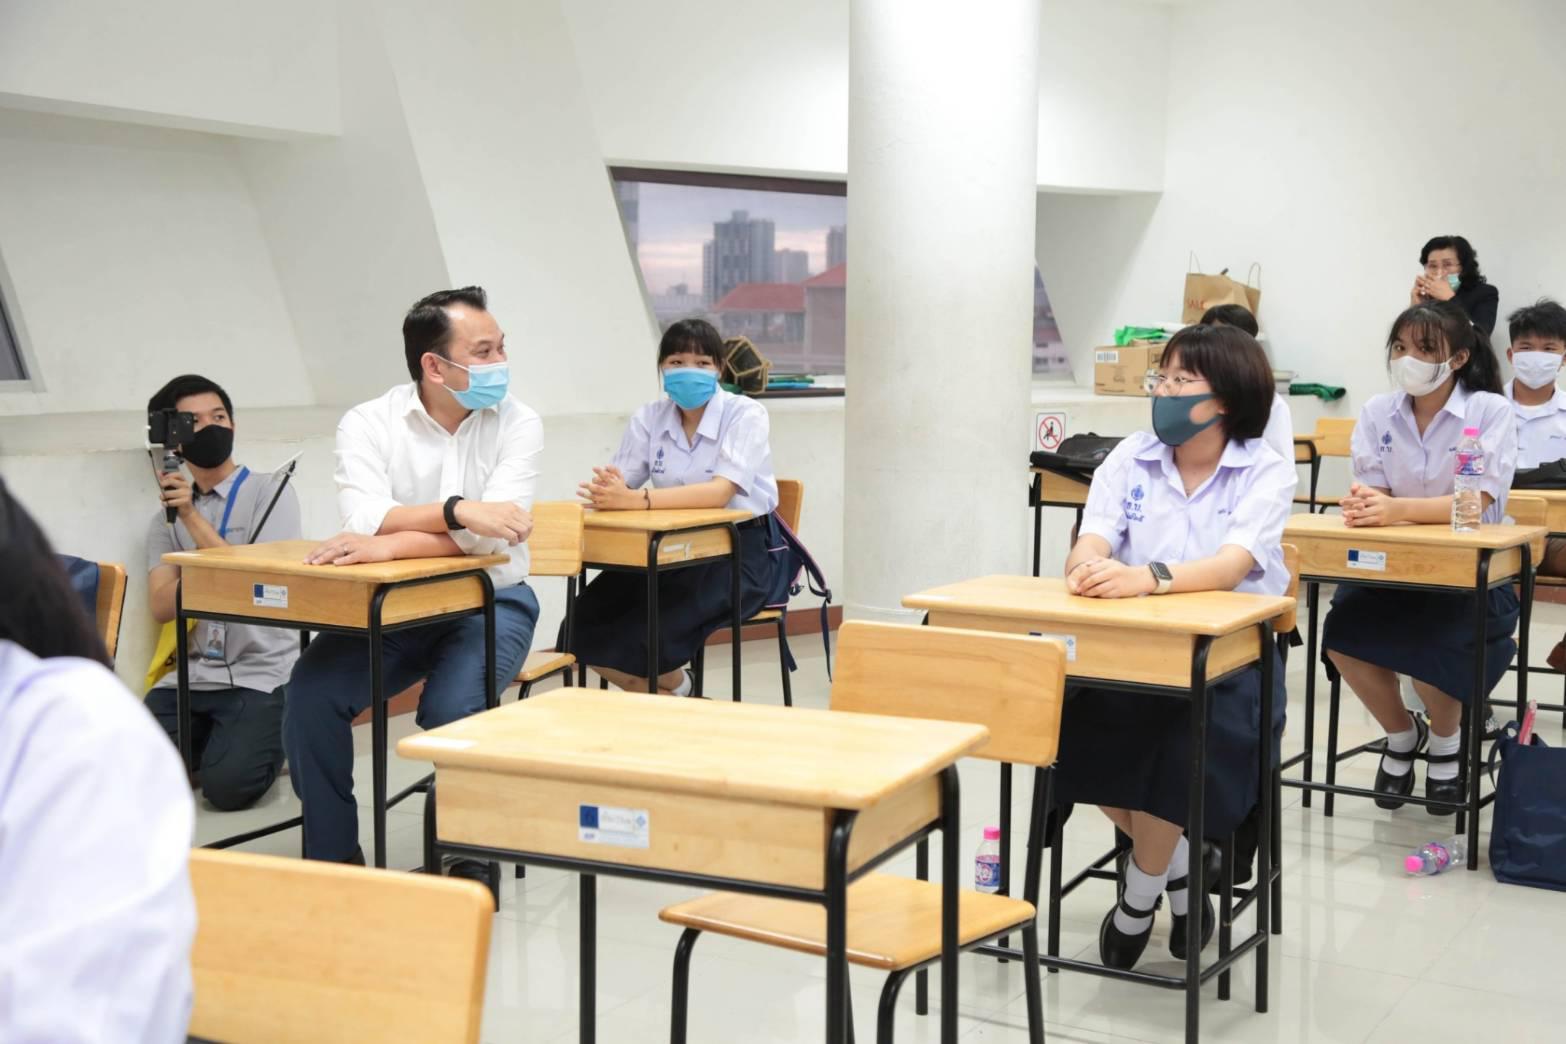 รมว.ศธ. ย้ำความปลอดภัยของสถานศึกษาทั่วประเทศ จัดการเรียนการสอนแบบ New Normal รับเปิดเทอมวันแรก